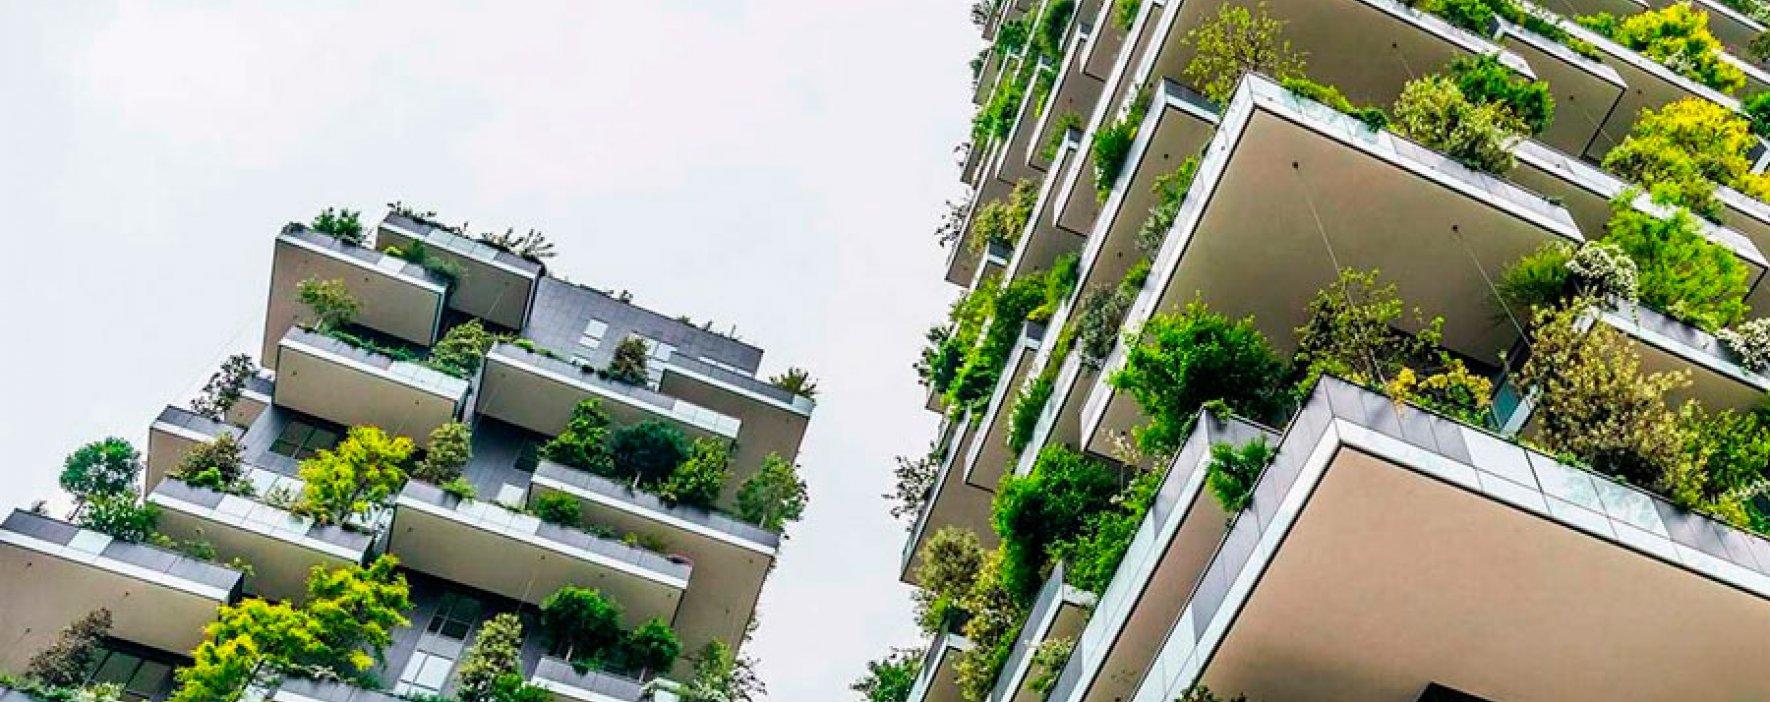 Hoja de ruta para la evolución de la industria de la construcción hacia la sostenibilidad integral